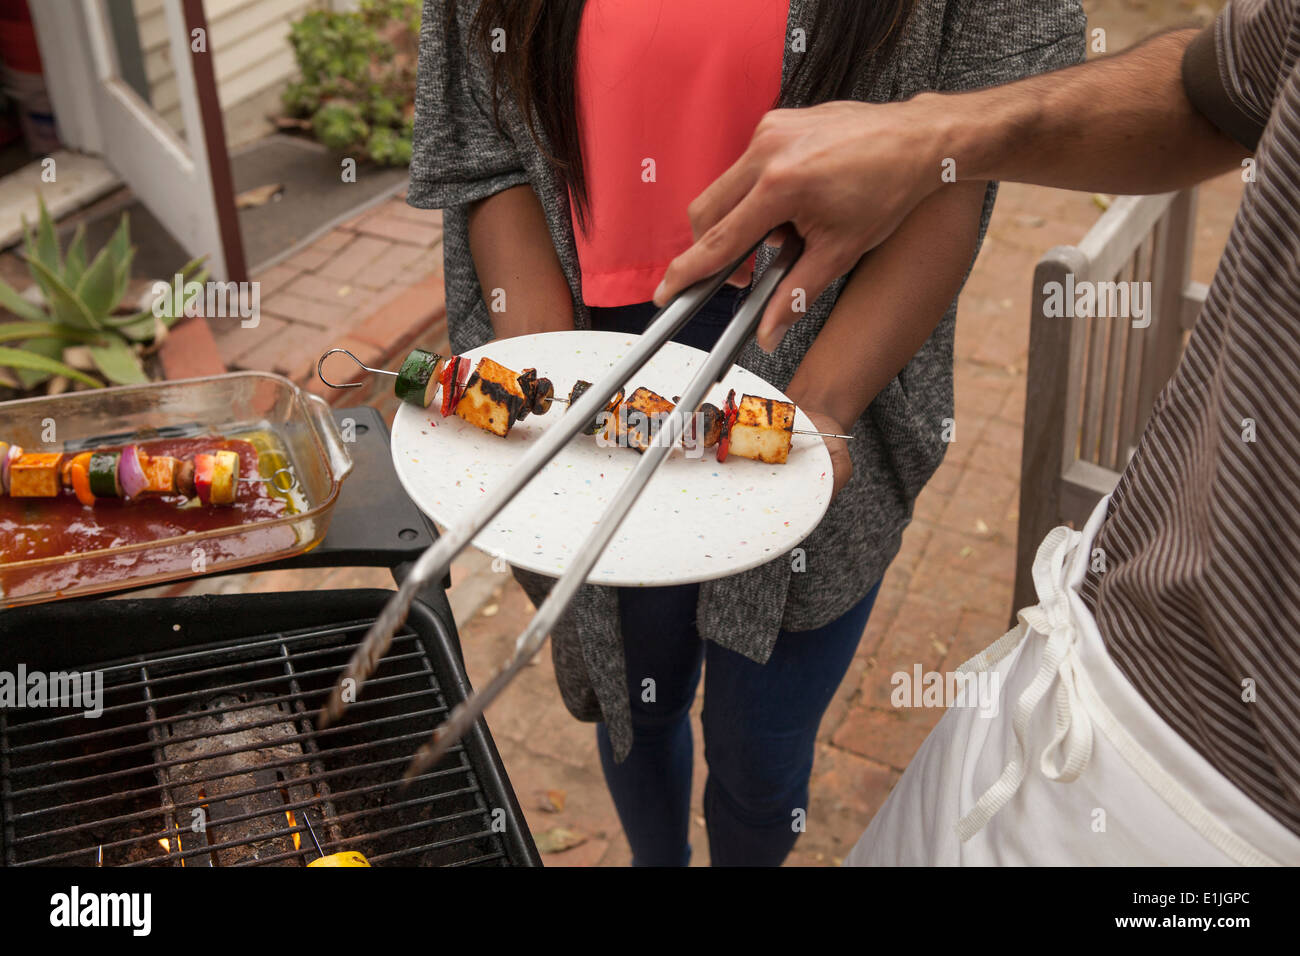 Uomo di cottura spiedini vegetali su barbecue Immagini Stock